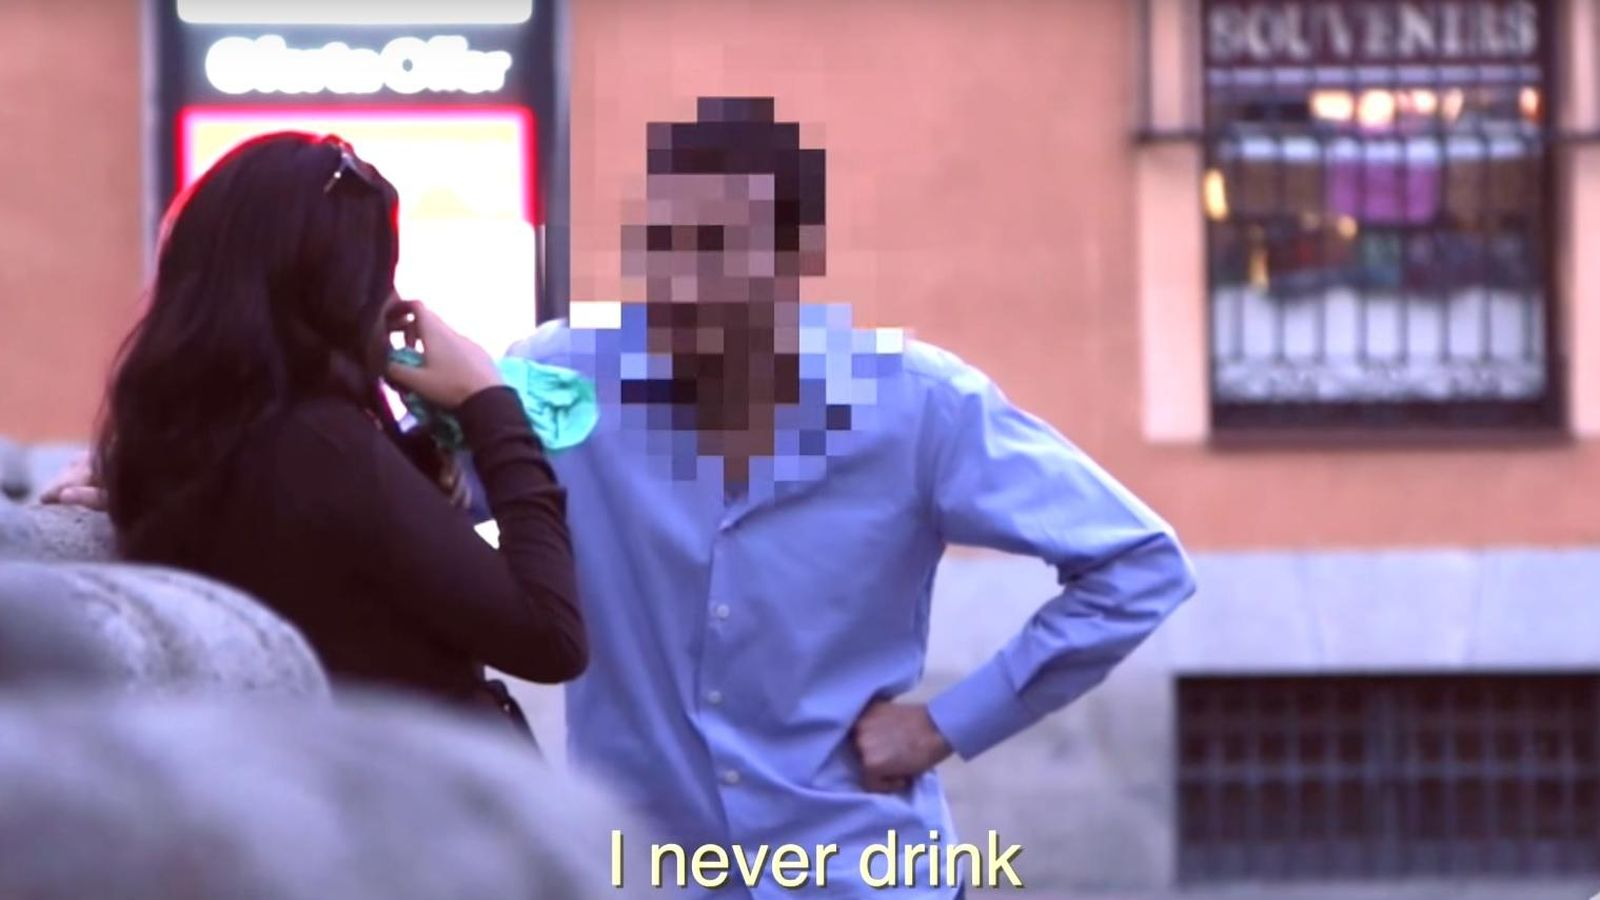 Foto: Los hombres que se acercaron no lo hicieron con buenas intenciones. (iStock)